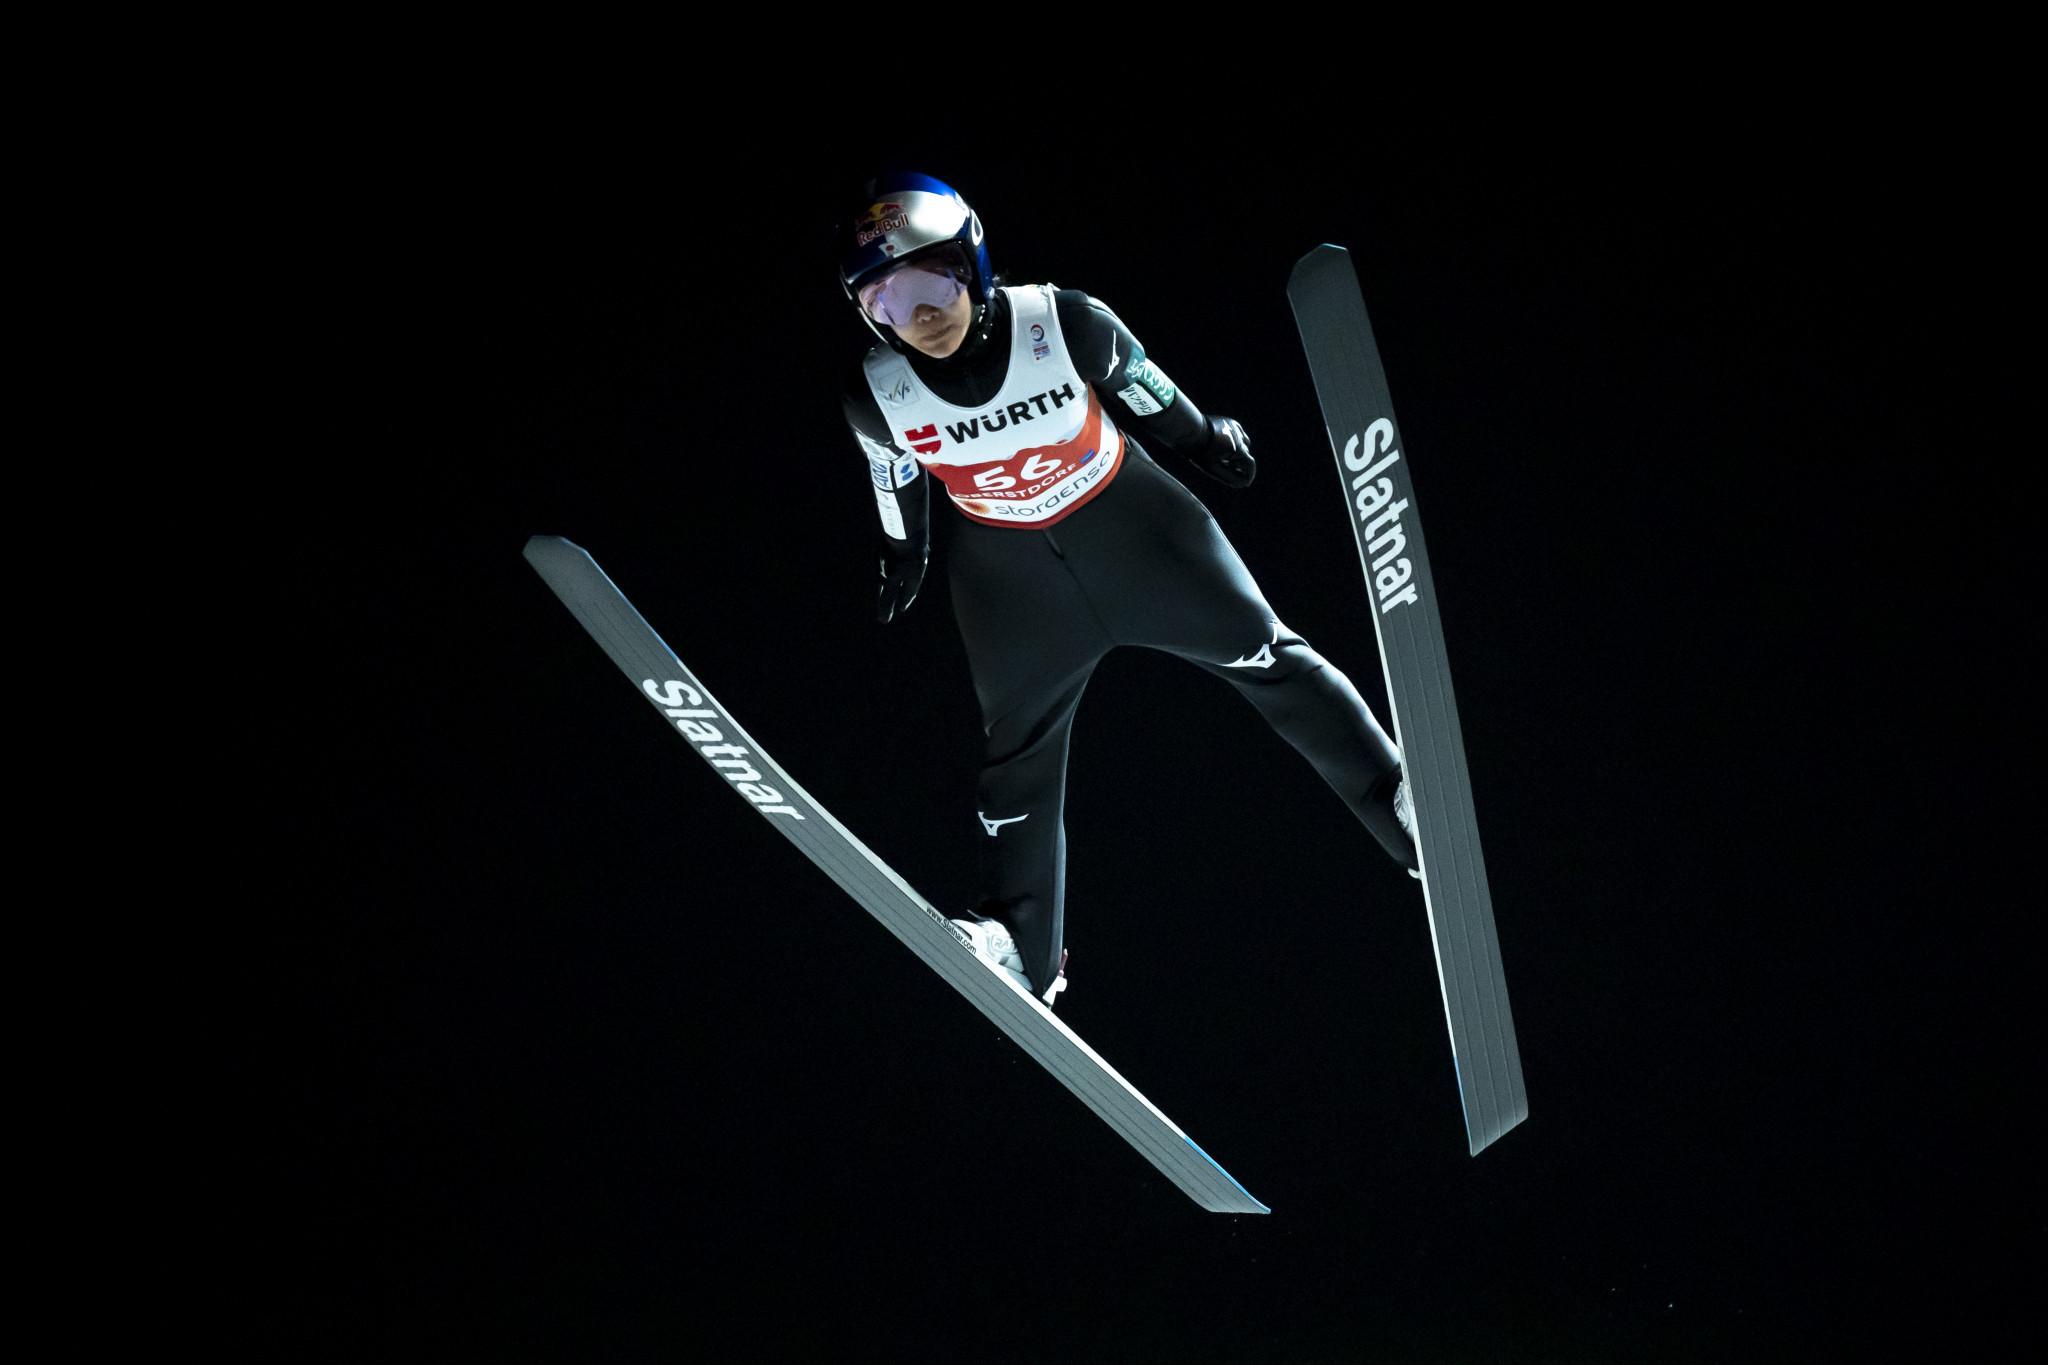 Takanashi tops women's ski jumping qualifying at Nordic World Ski Championships